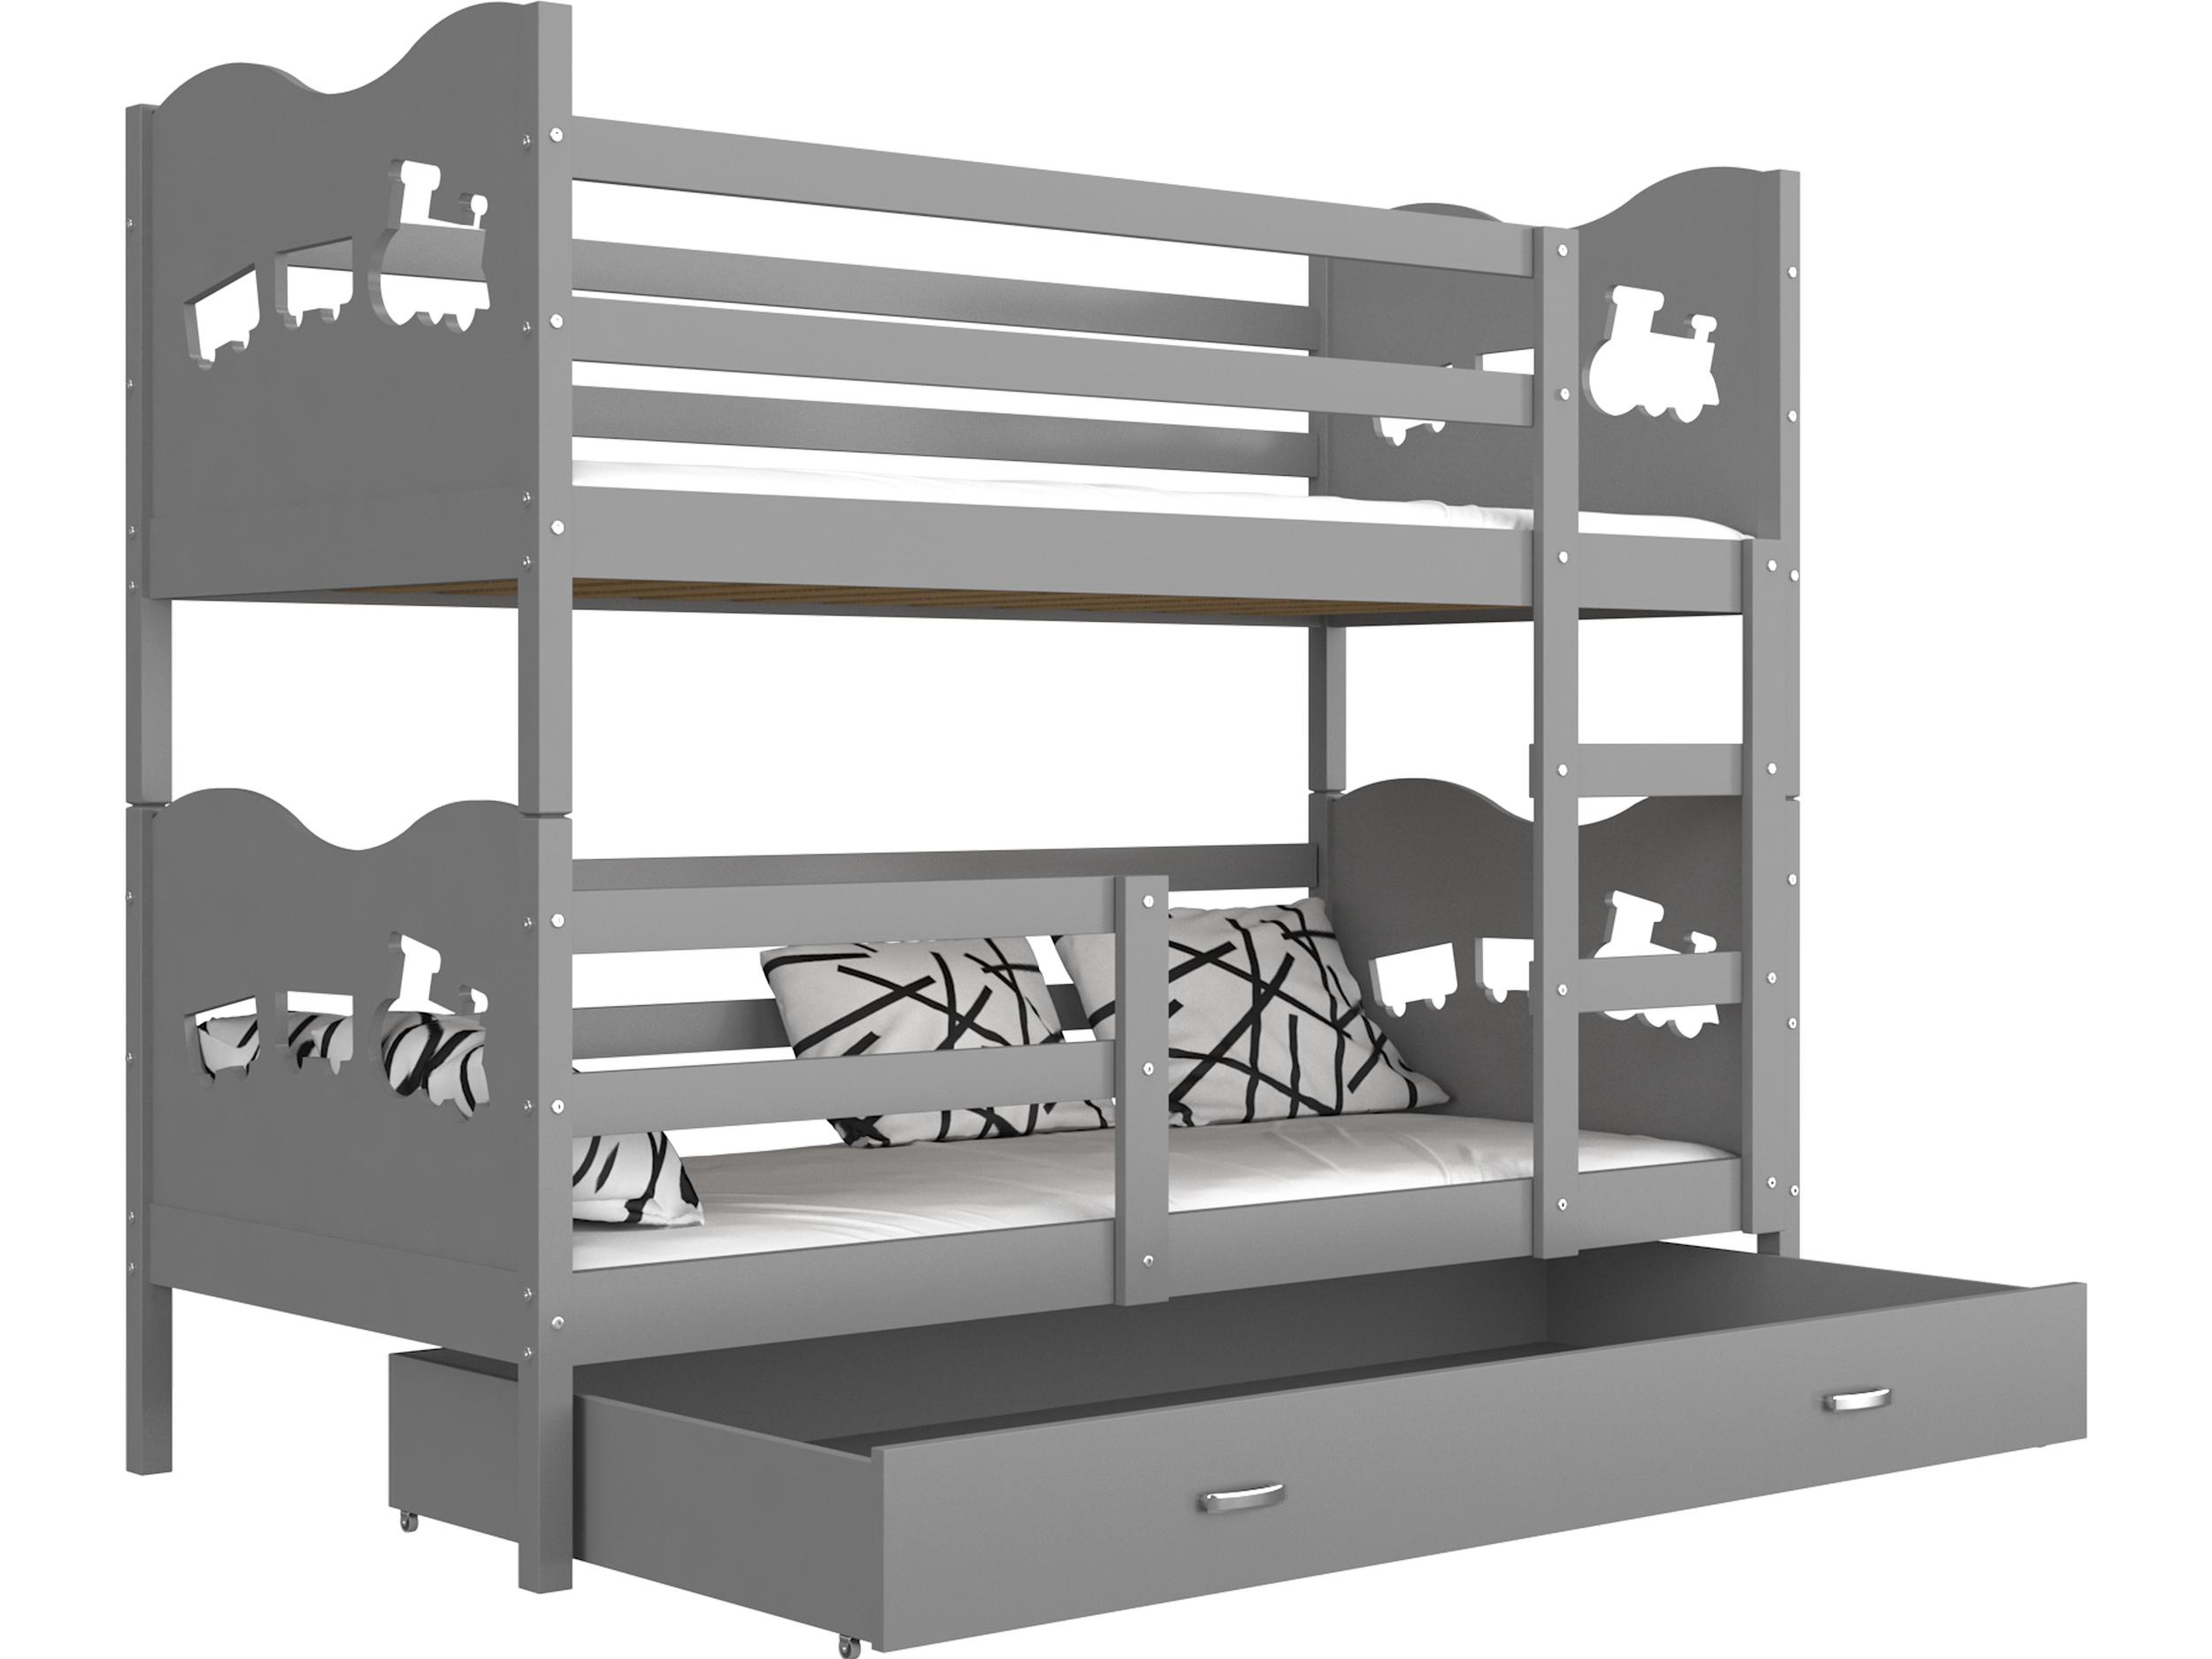 ArtAJ Detská poschodová posteľ MAX / MDF 200 x 90 cm Farba: Sivá / sivá, s matracom 200 x 90 cm